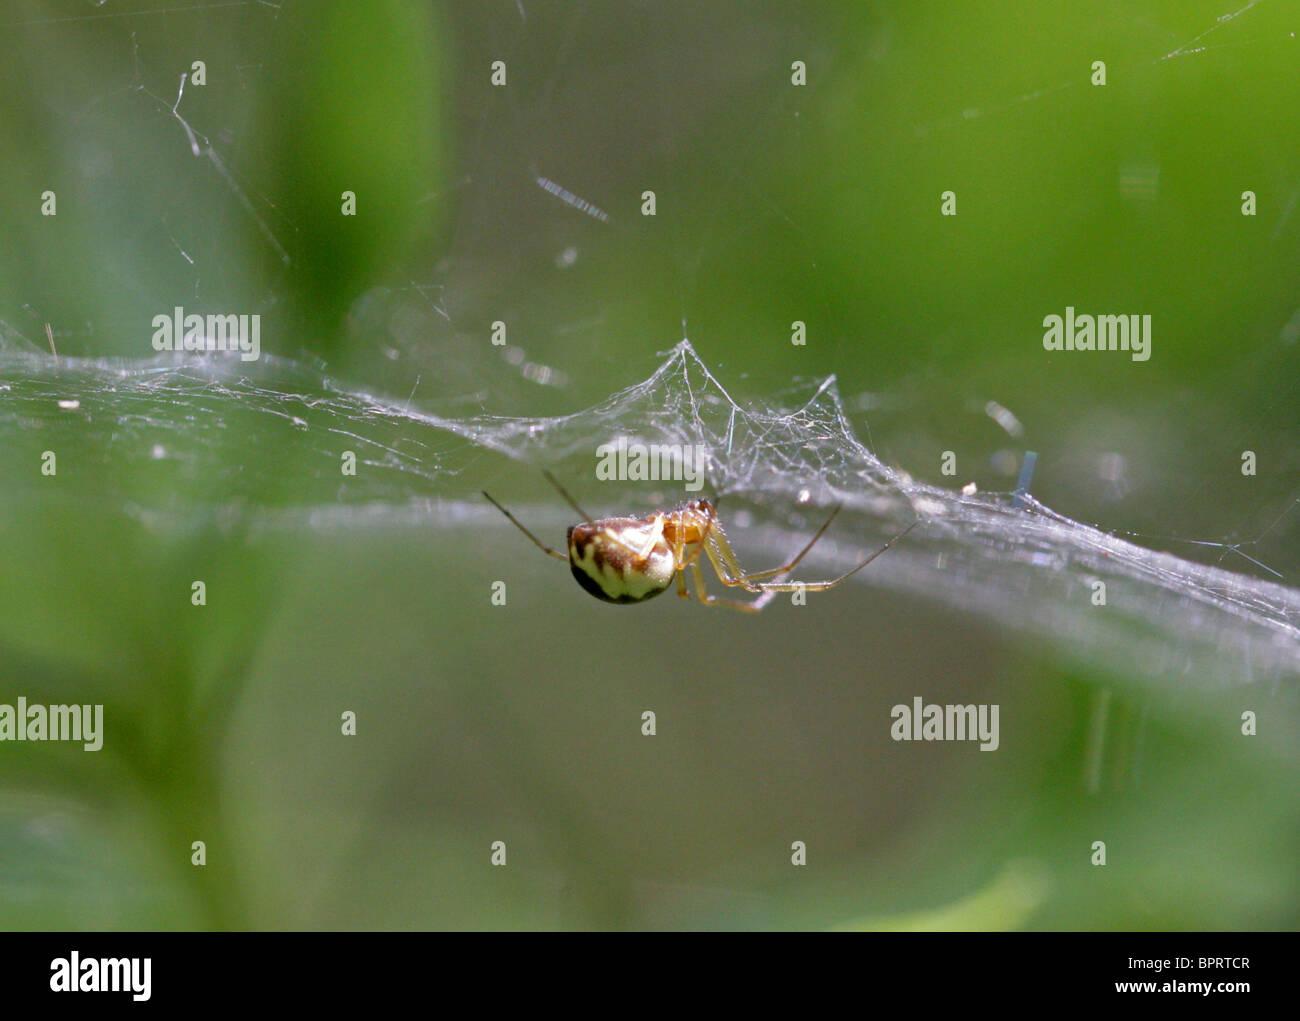 Araña Tejedora de hoja o dinero Araña, Linyphia hortensis, Linyphiidae, Araneoidea, Araneae, Arachnida. Imagen De Stock